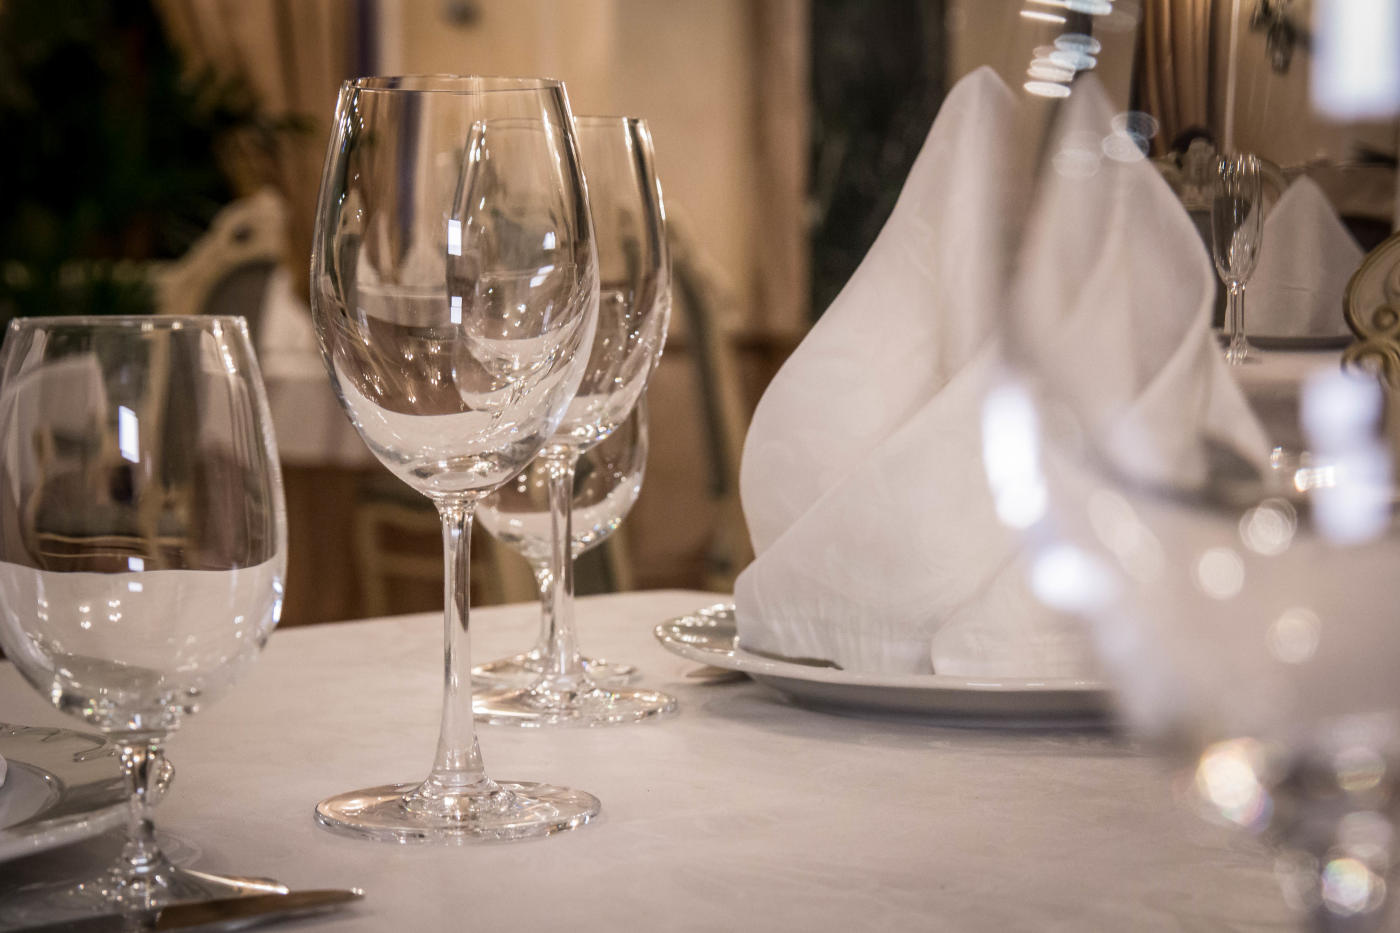 Ресторан Ривьера (Riviere) фото 28